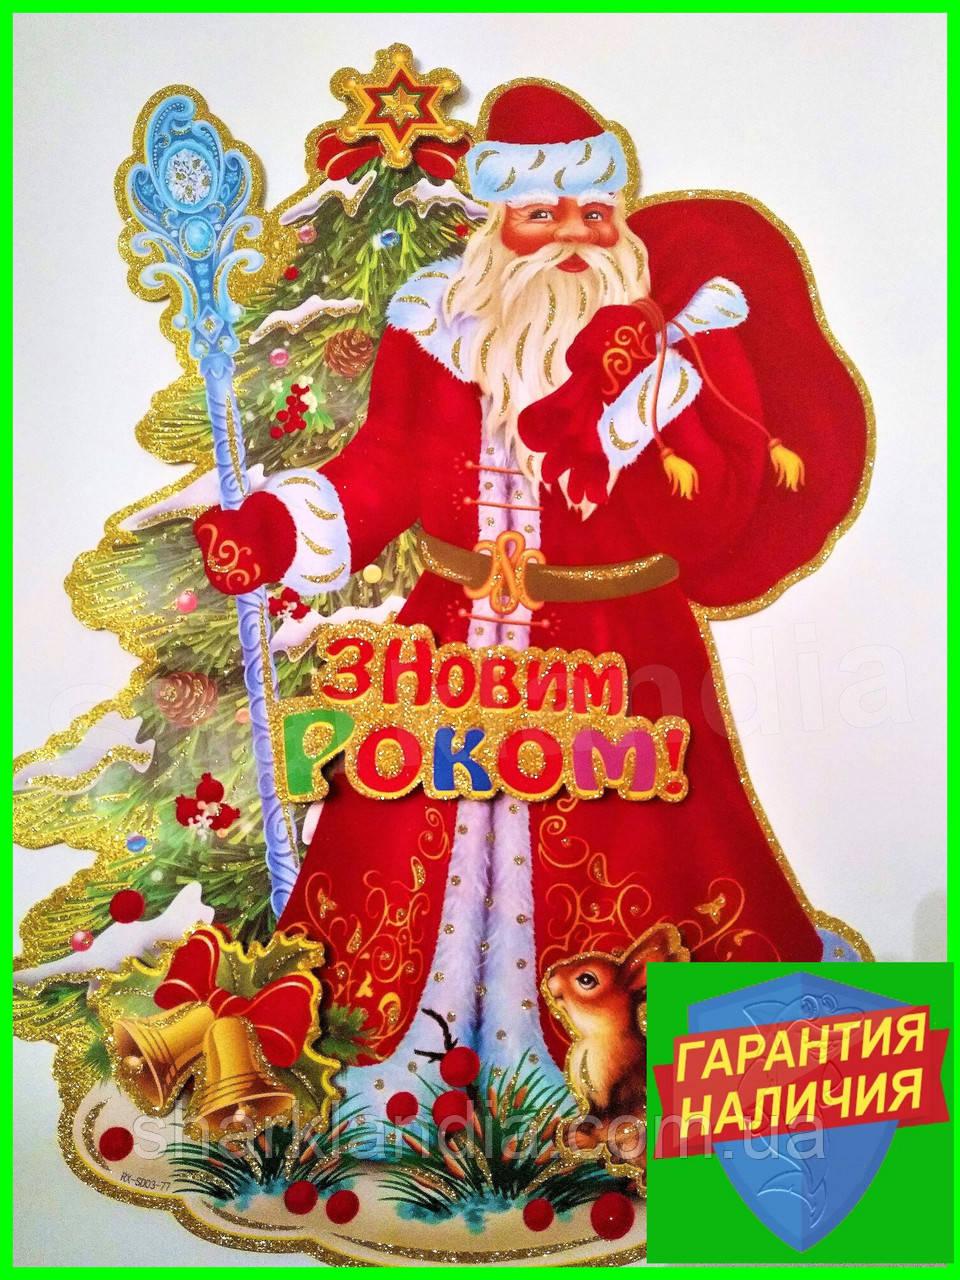 Интерьерная Двусторонняя 3D наклейка 52 см на окно стену новогодняя Дед Мороз Новый год Праздник Рождество